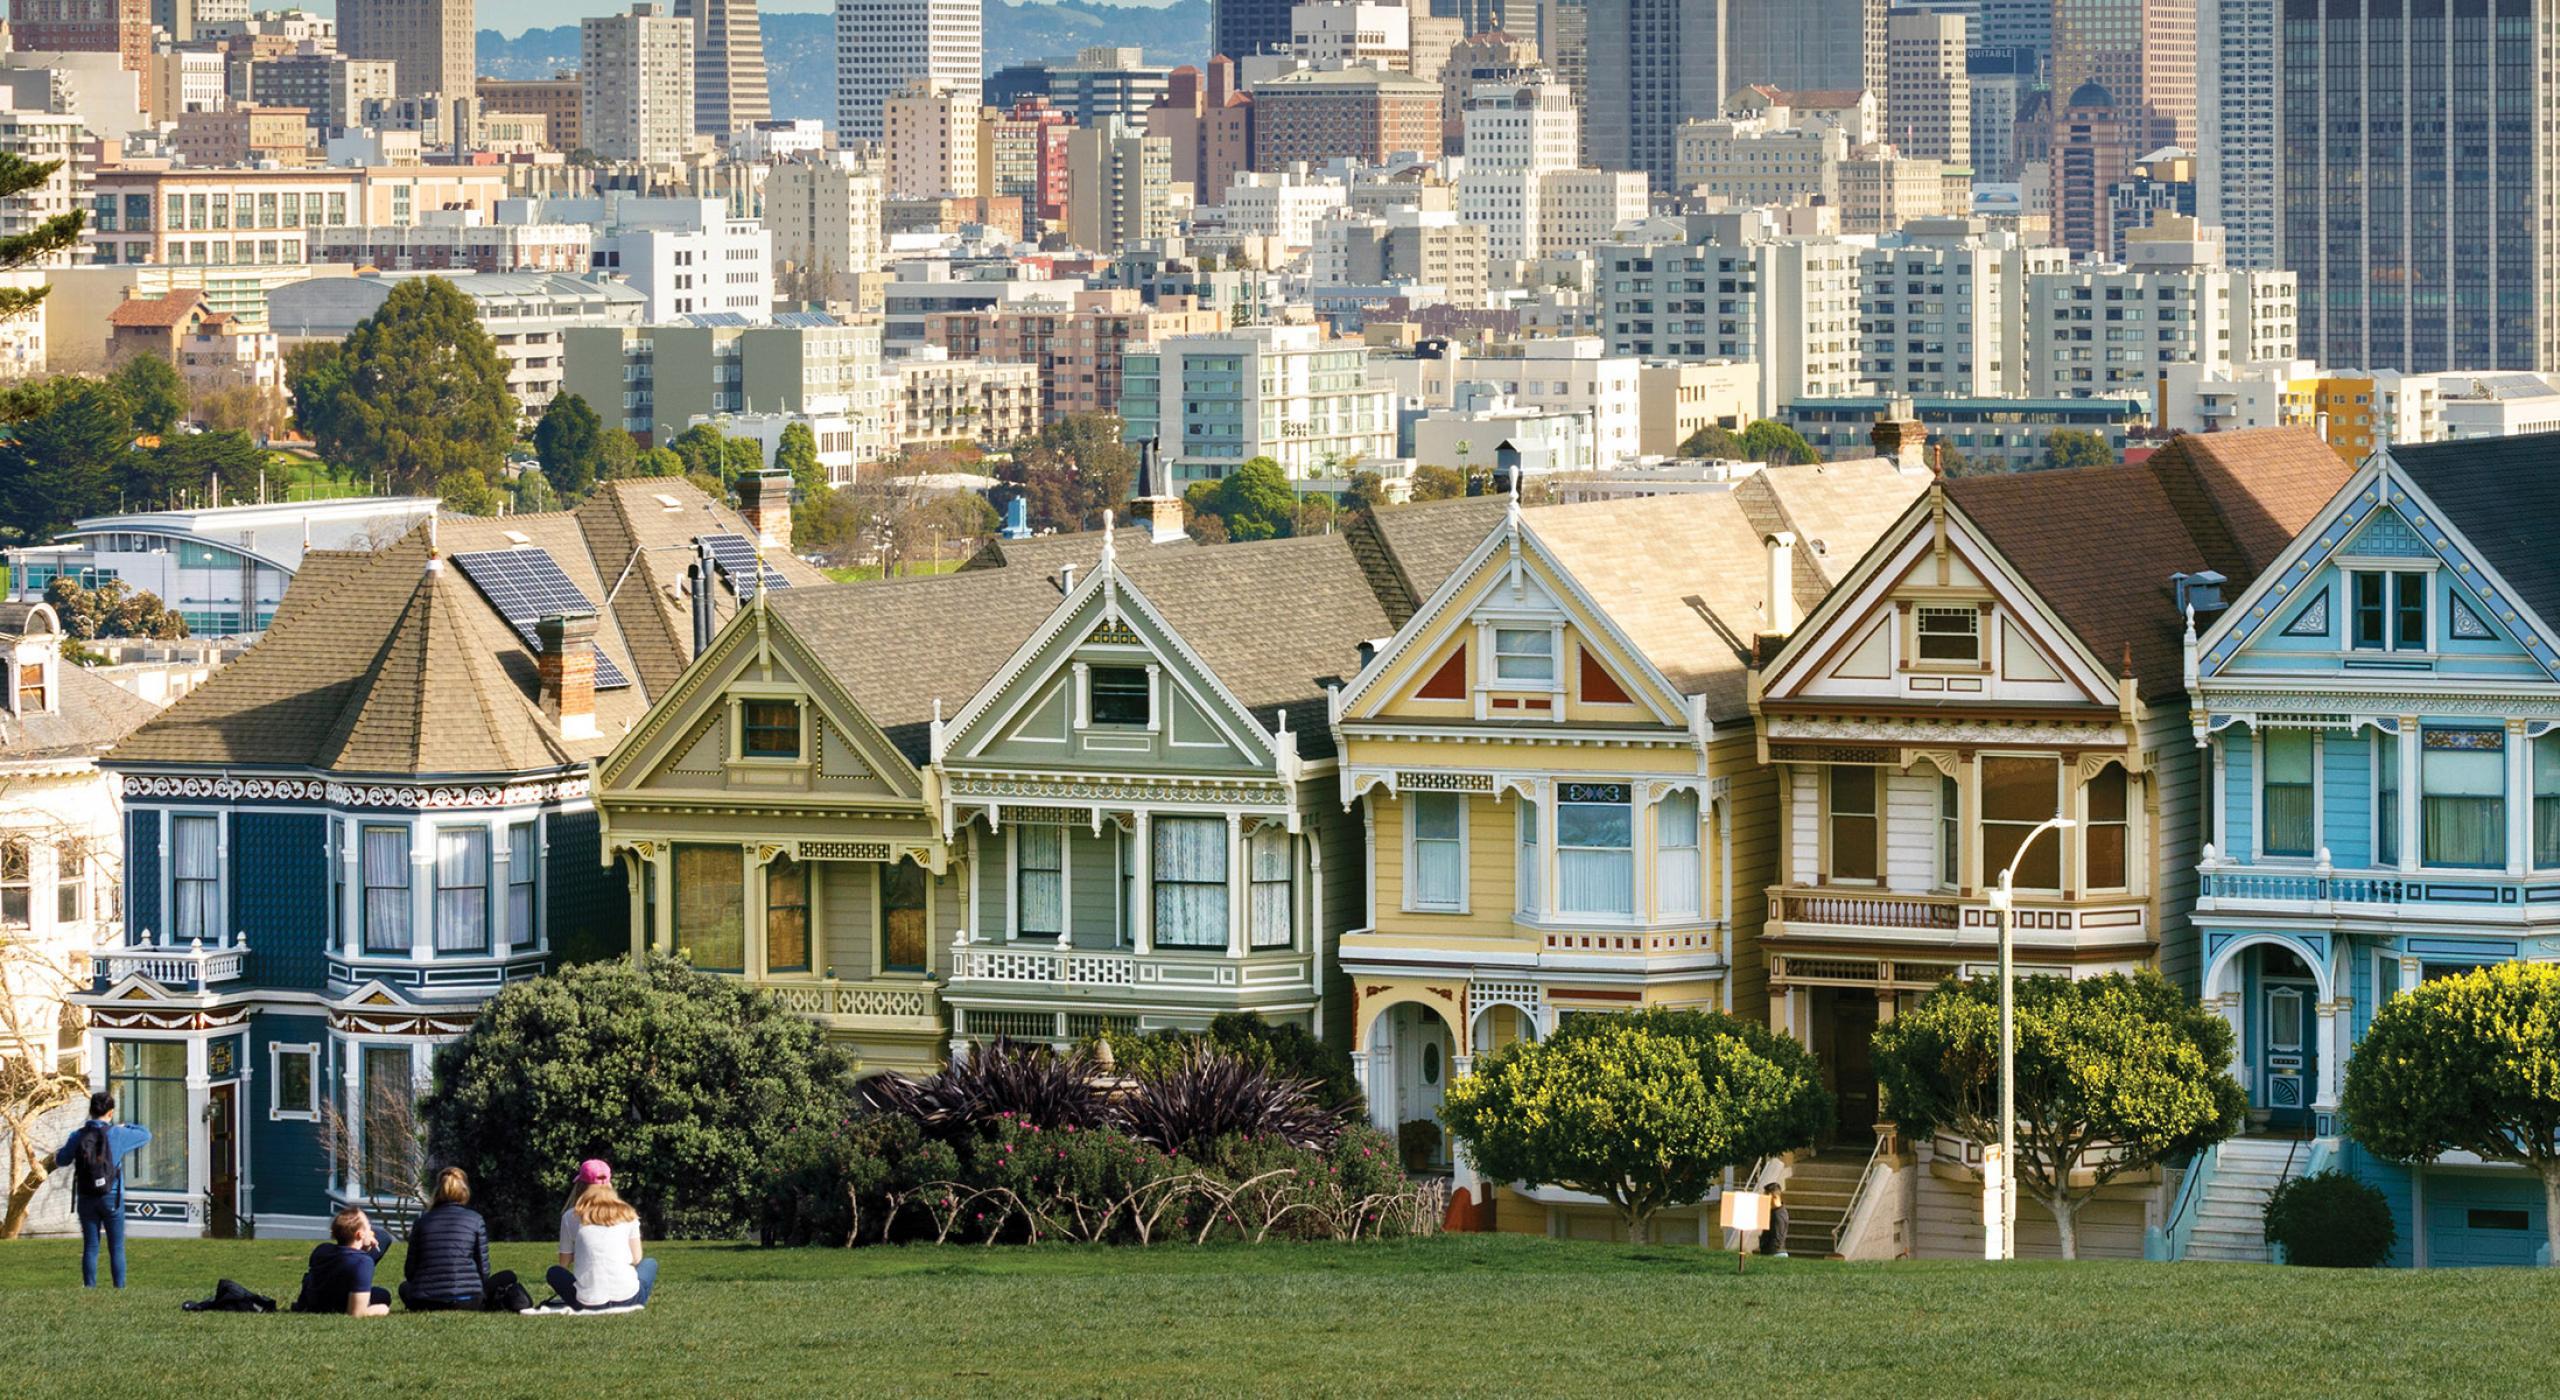 San Francisco California íconos Y Sorpresas